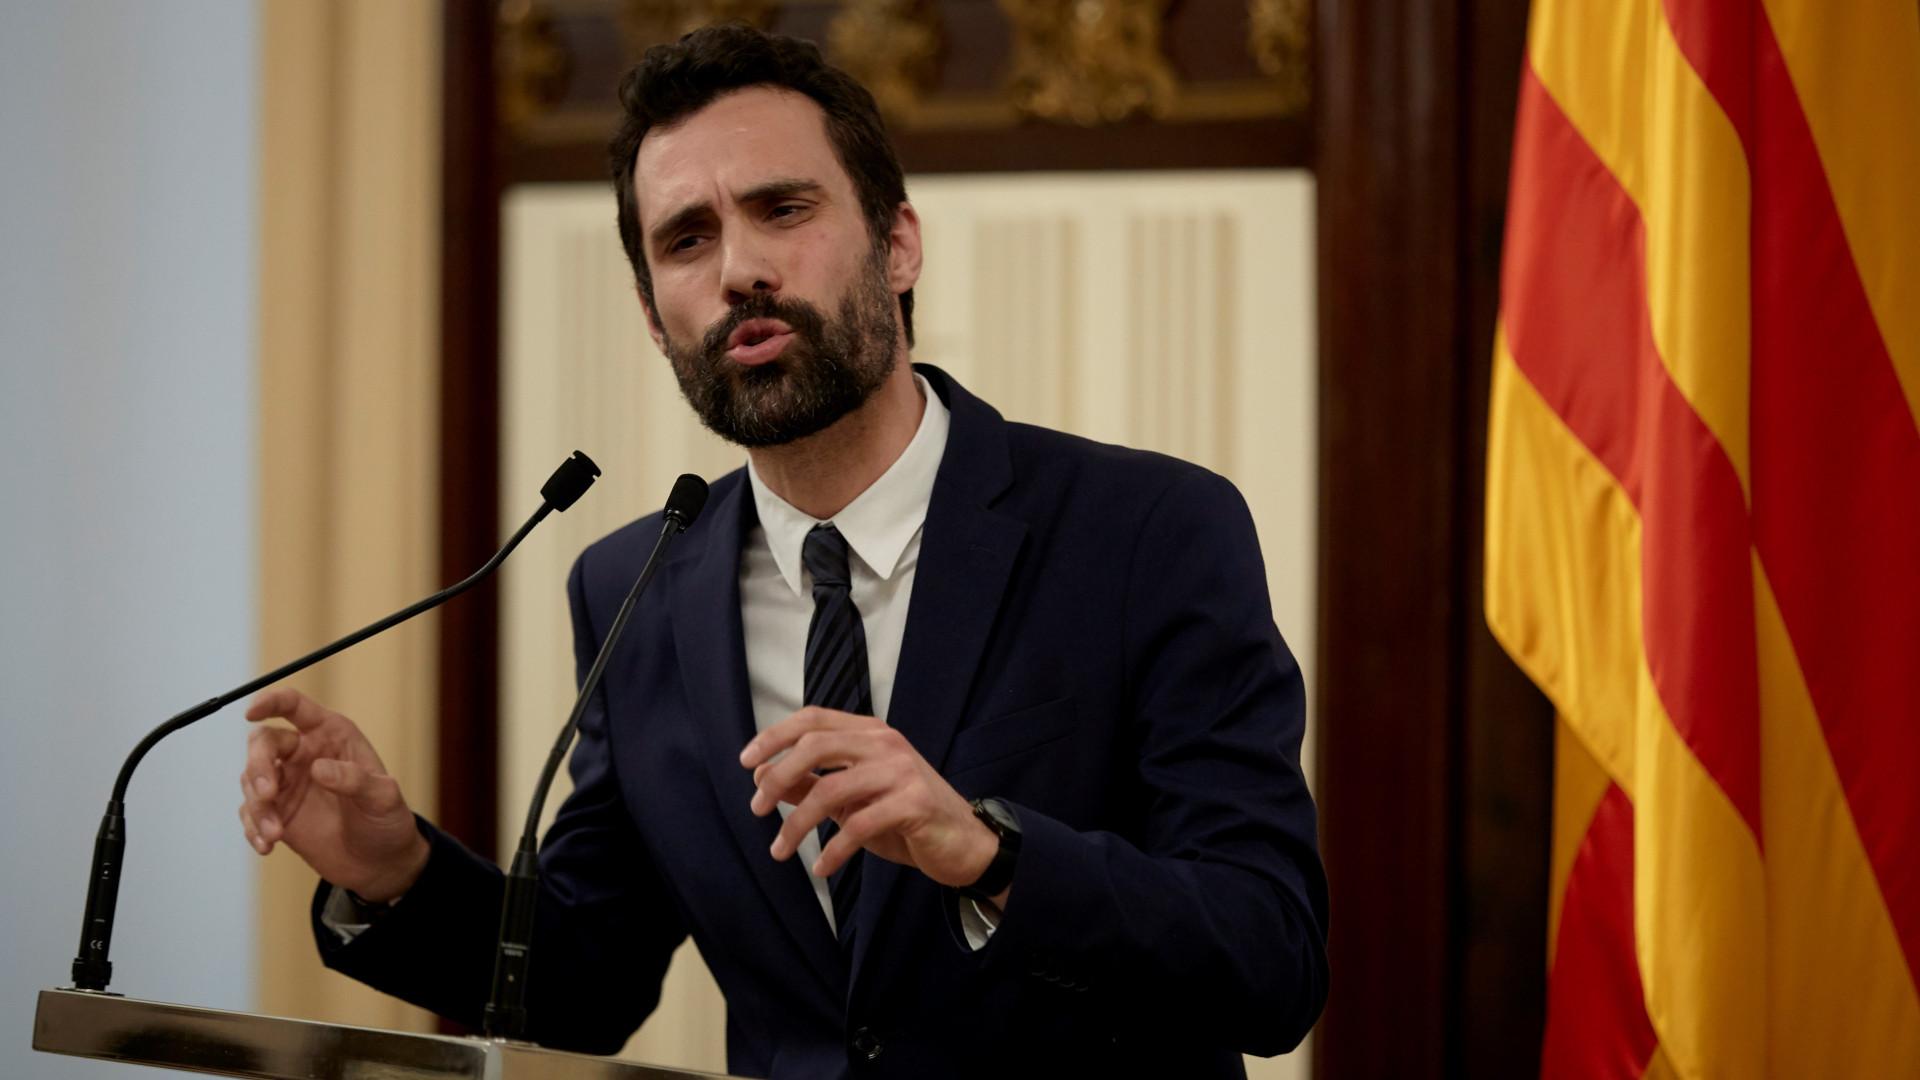 Roger Torrent adia plenário mas mantém investidura de Puigdemont